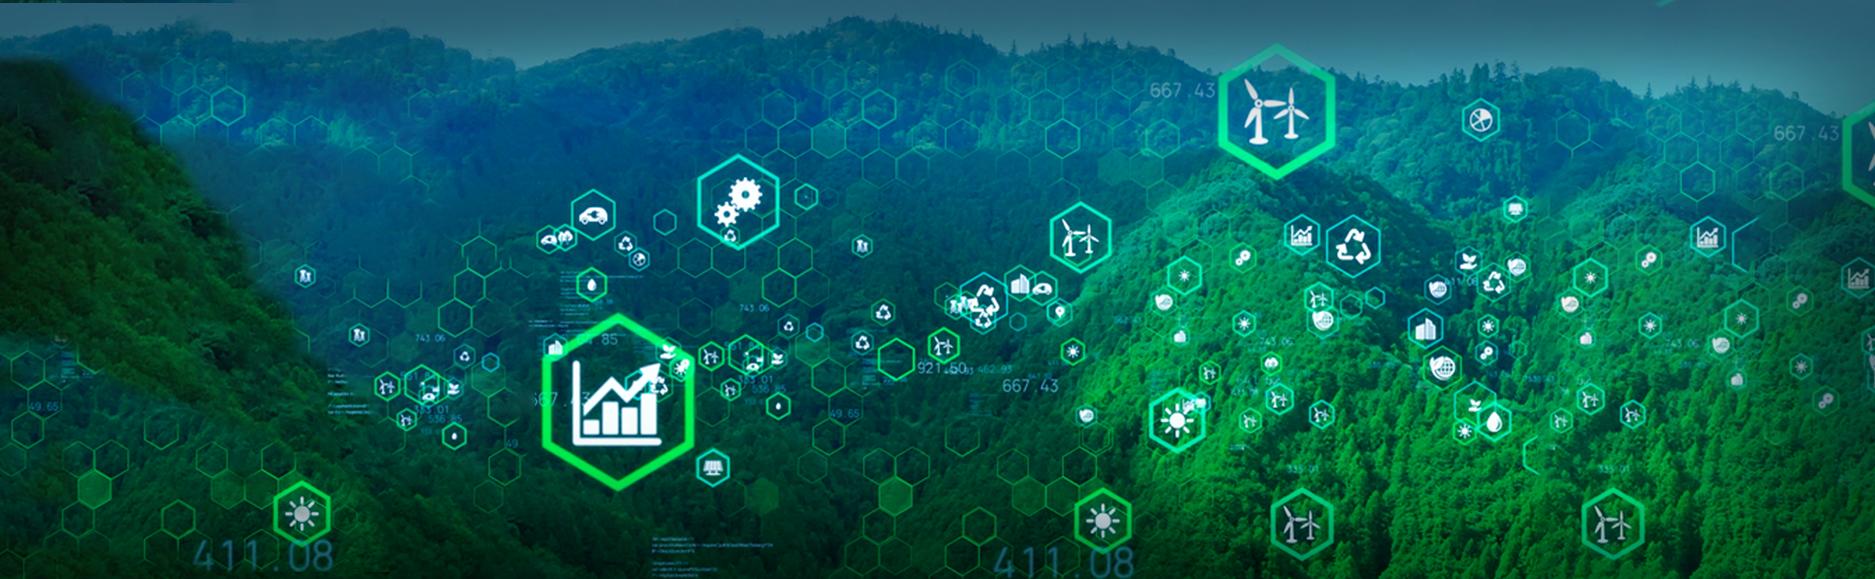 Gestão ambiental municipal: confira 4 benefícios do uso da tecnologia IPM Sistemas